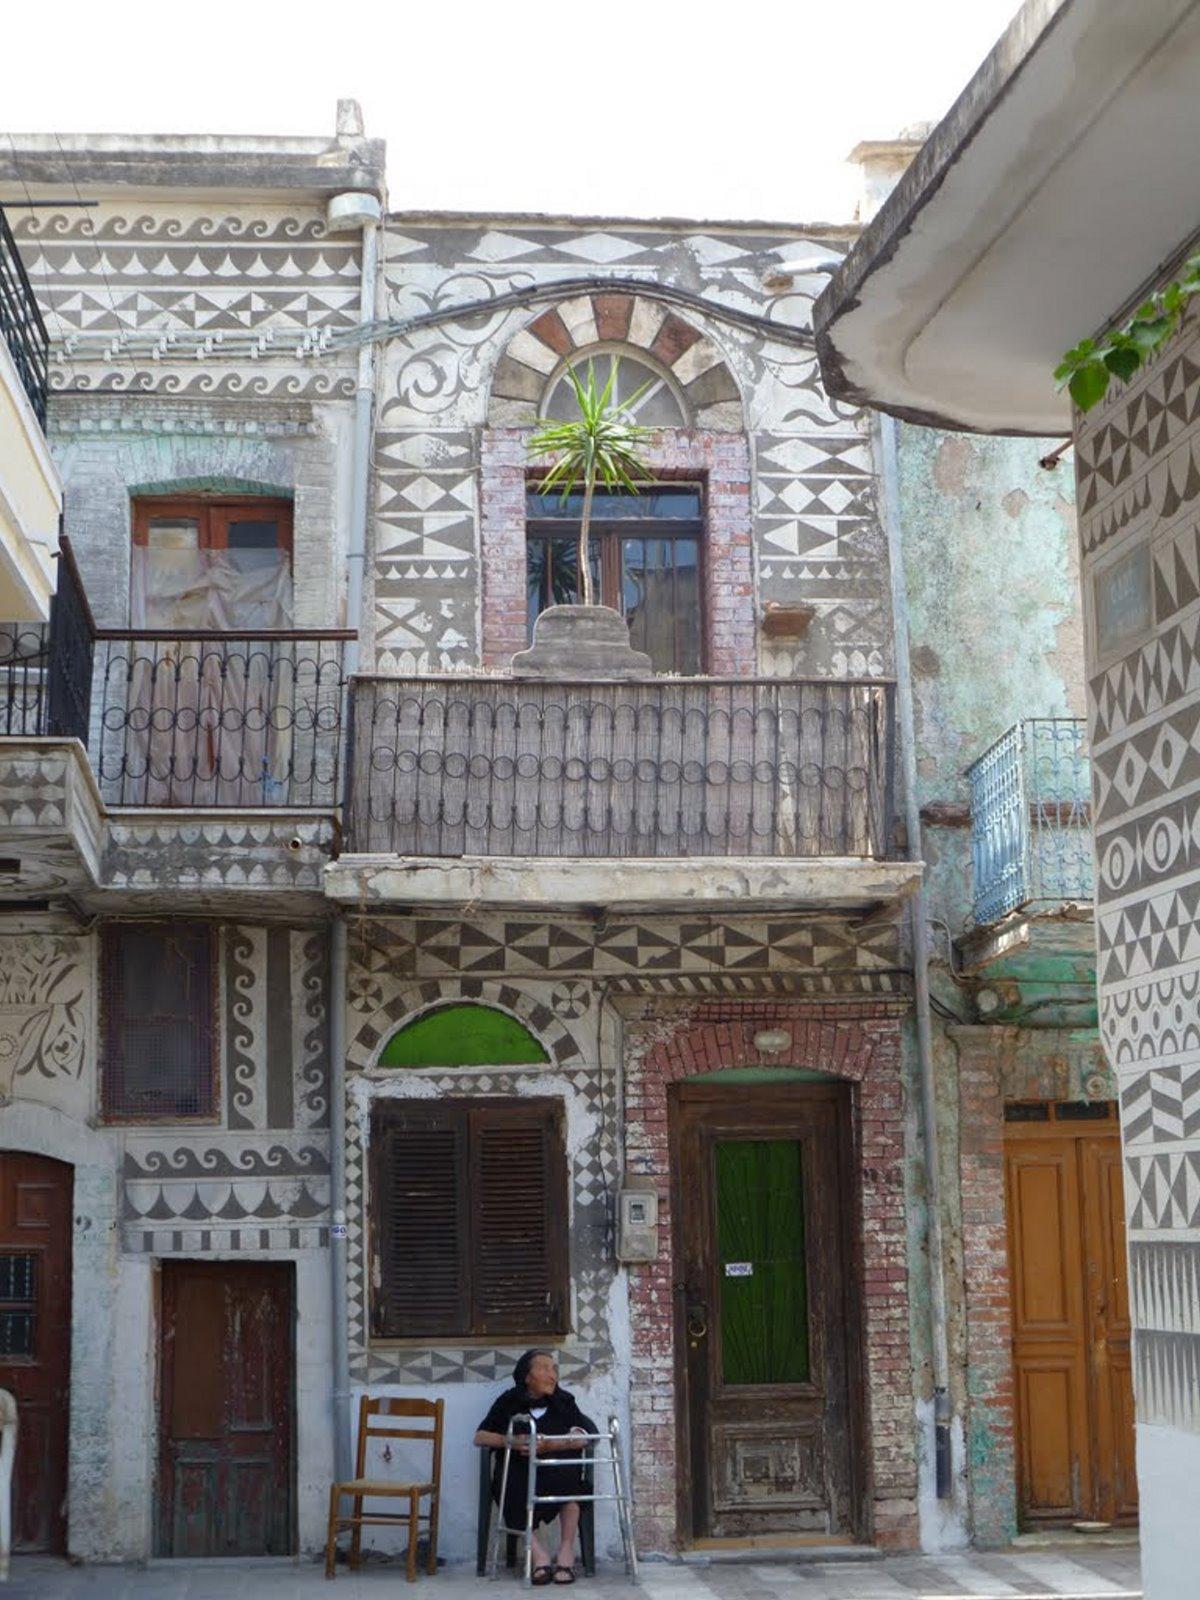 χωριό Πυργί στη Χίο με παραδοσιακά σπίτια